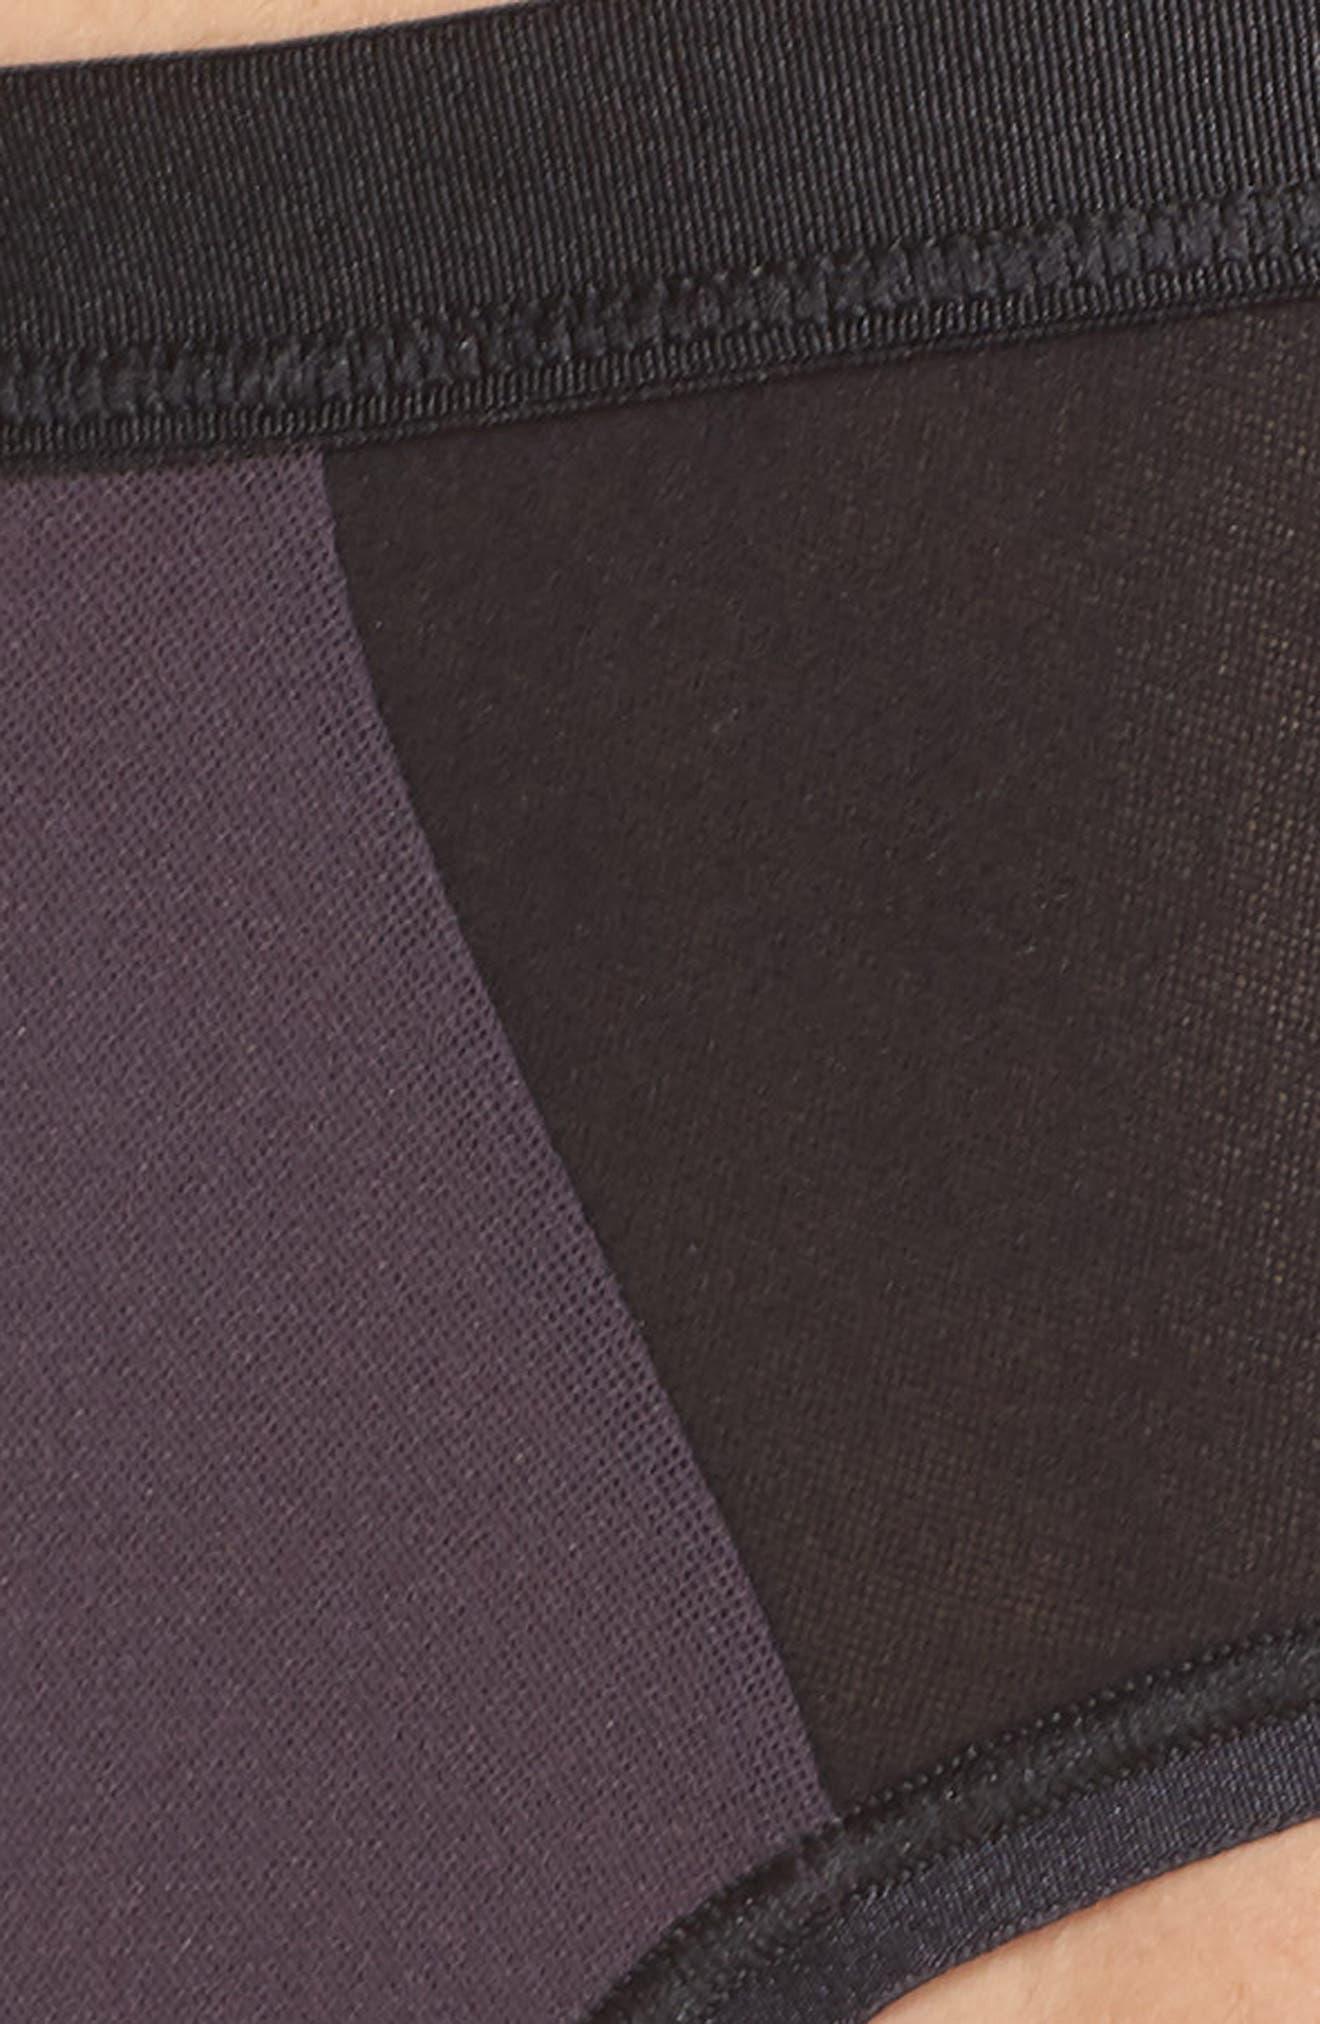 Colorblock Briefs,                             Alternate thumbnail 4, color,                             Graph Black